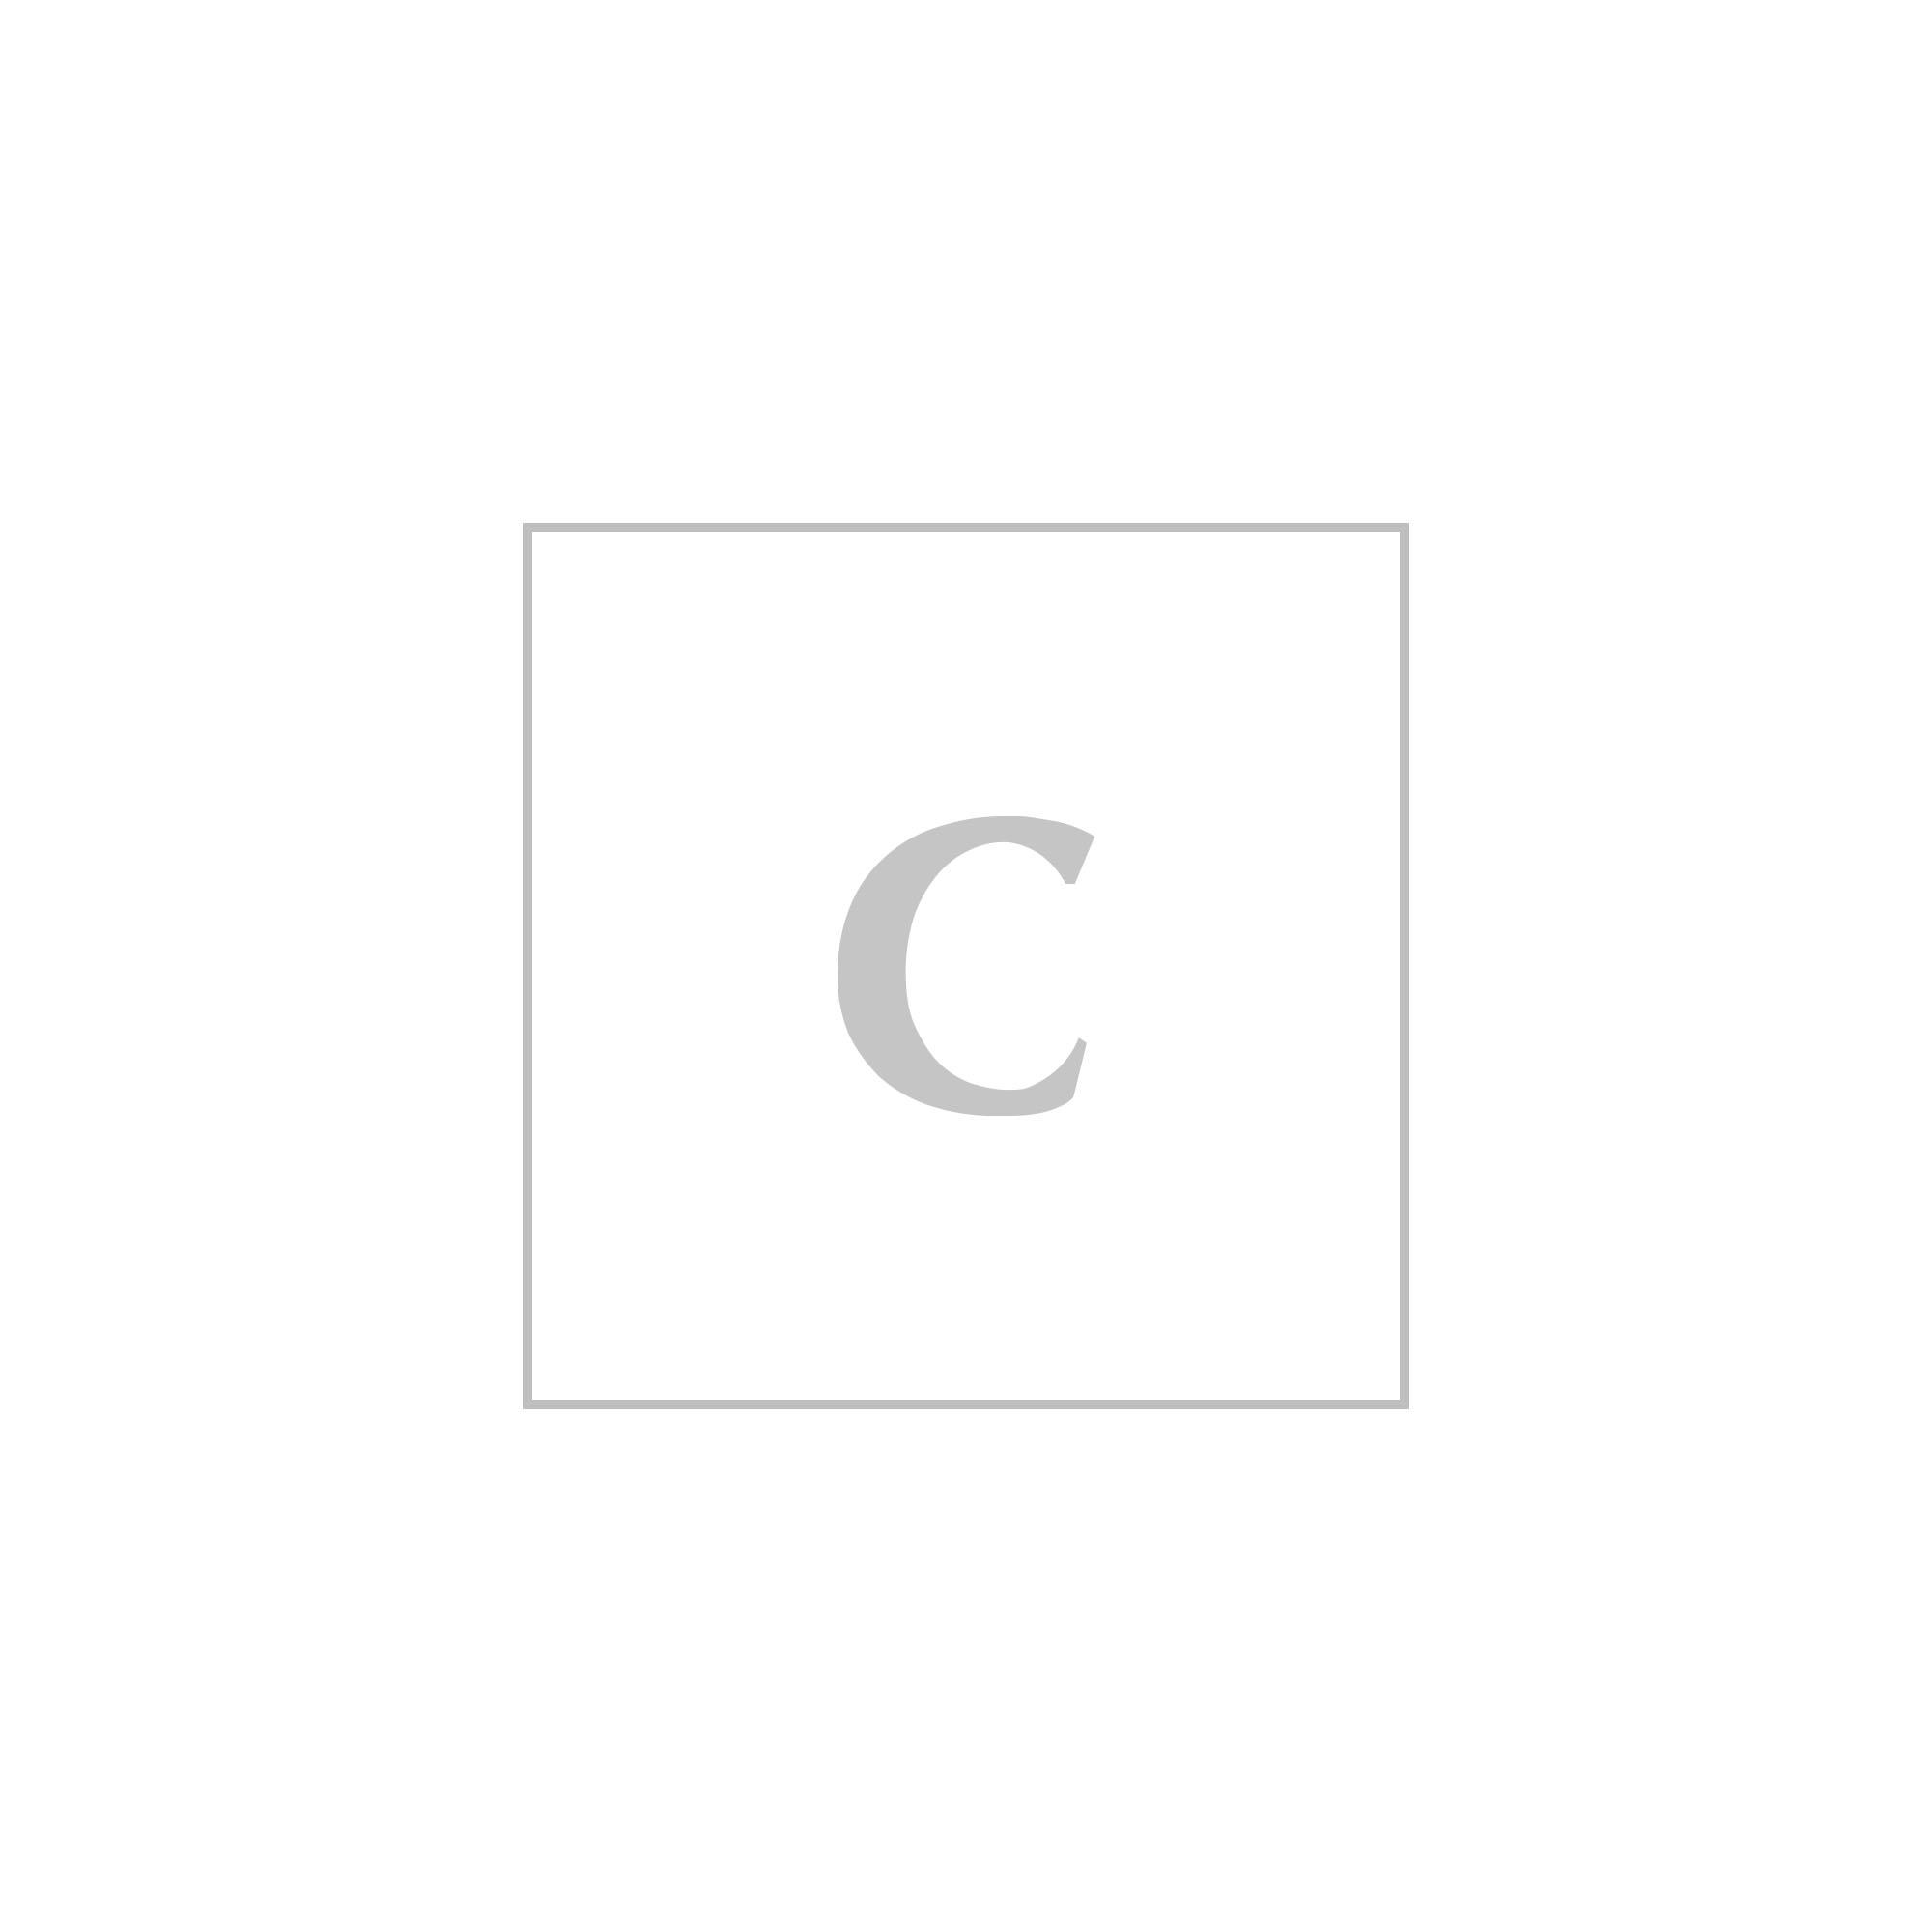 Moncler grenoble giubbotto seille